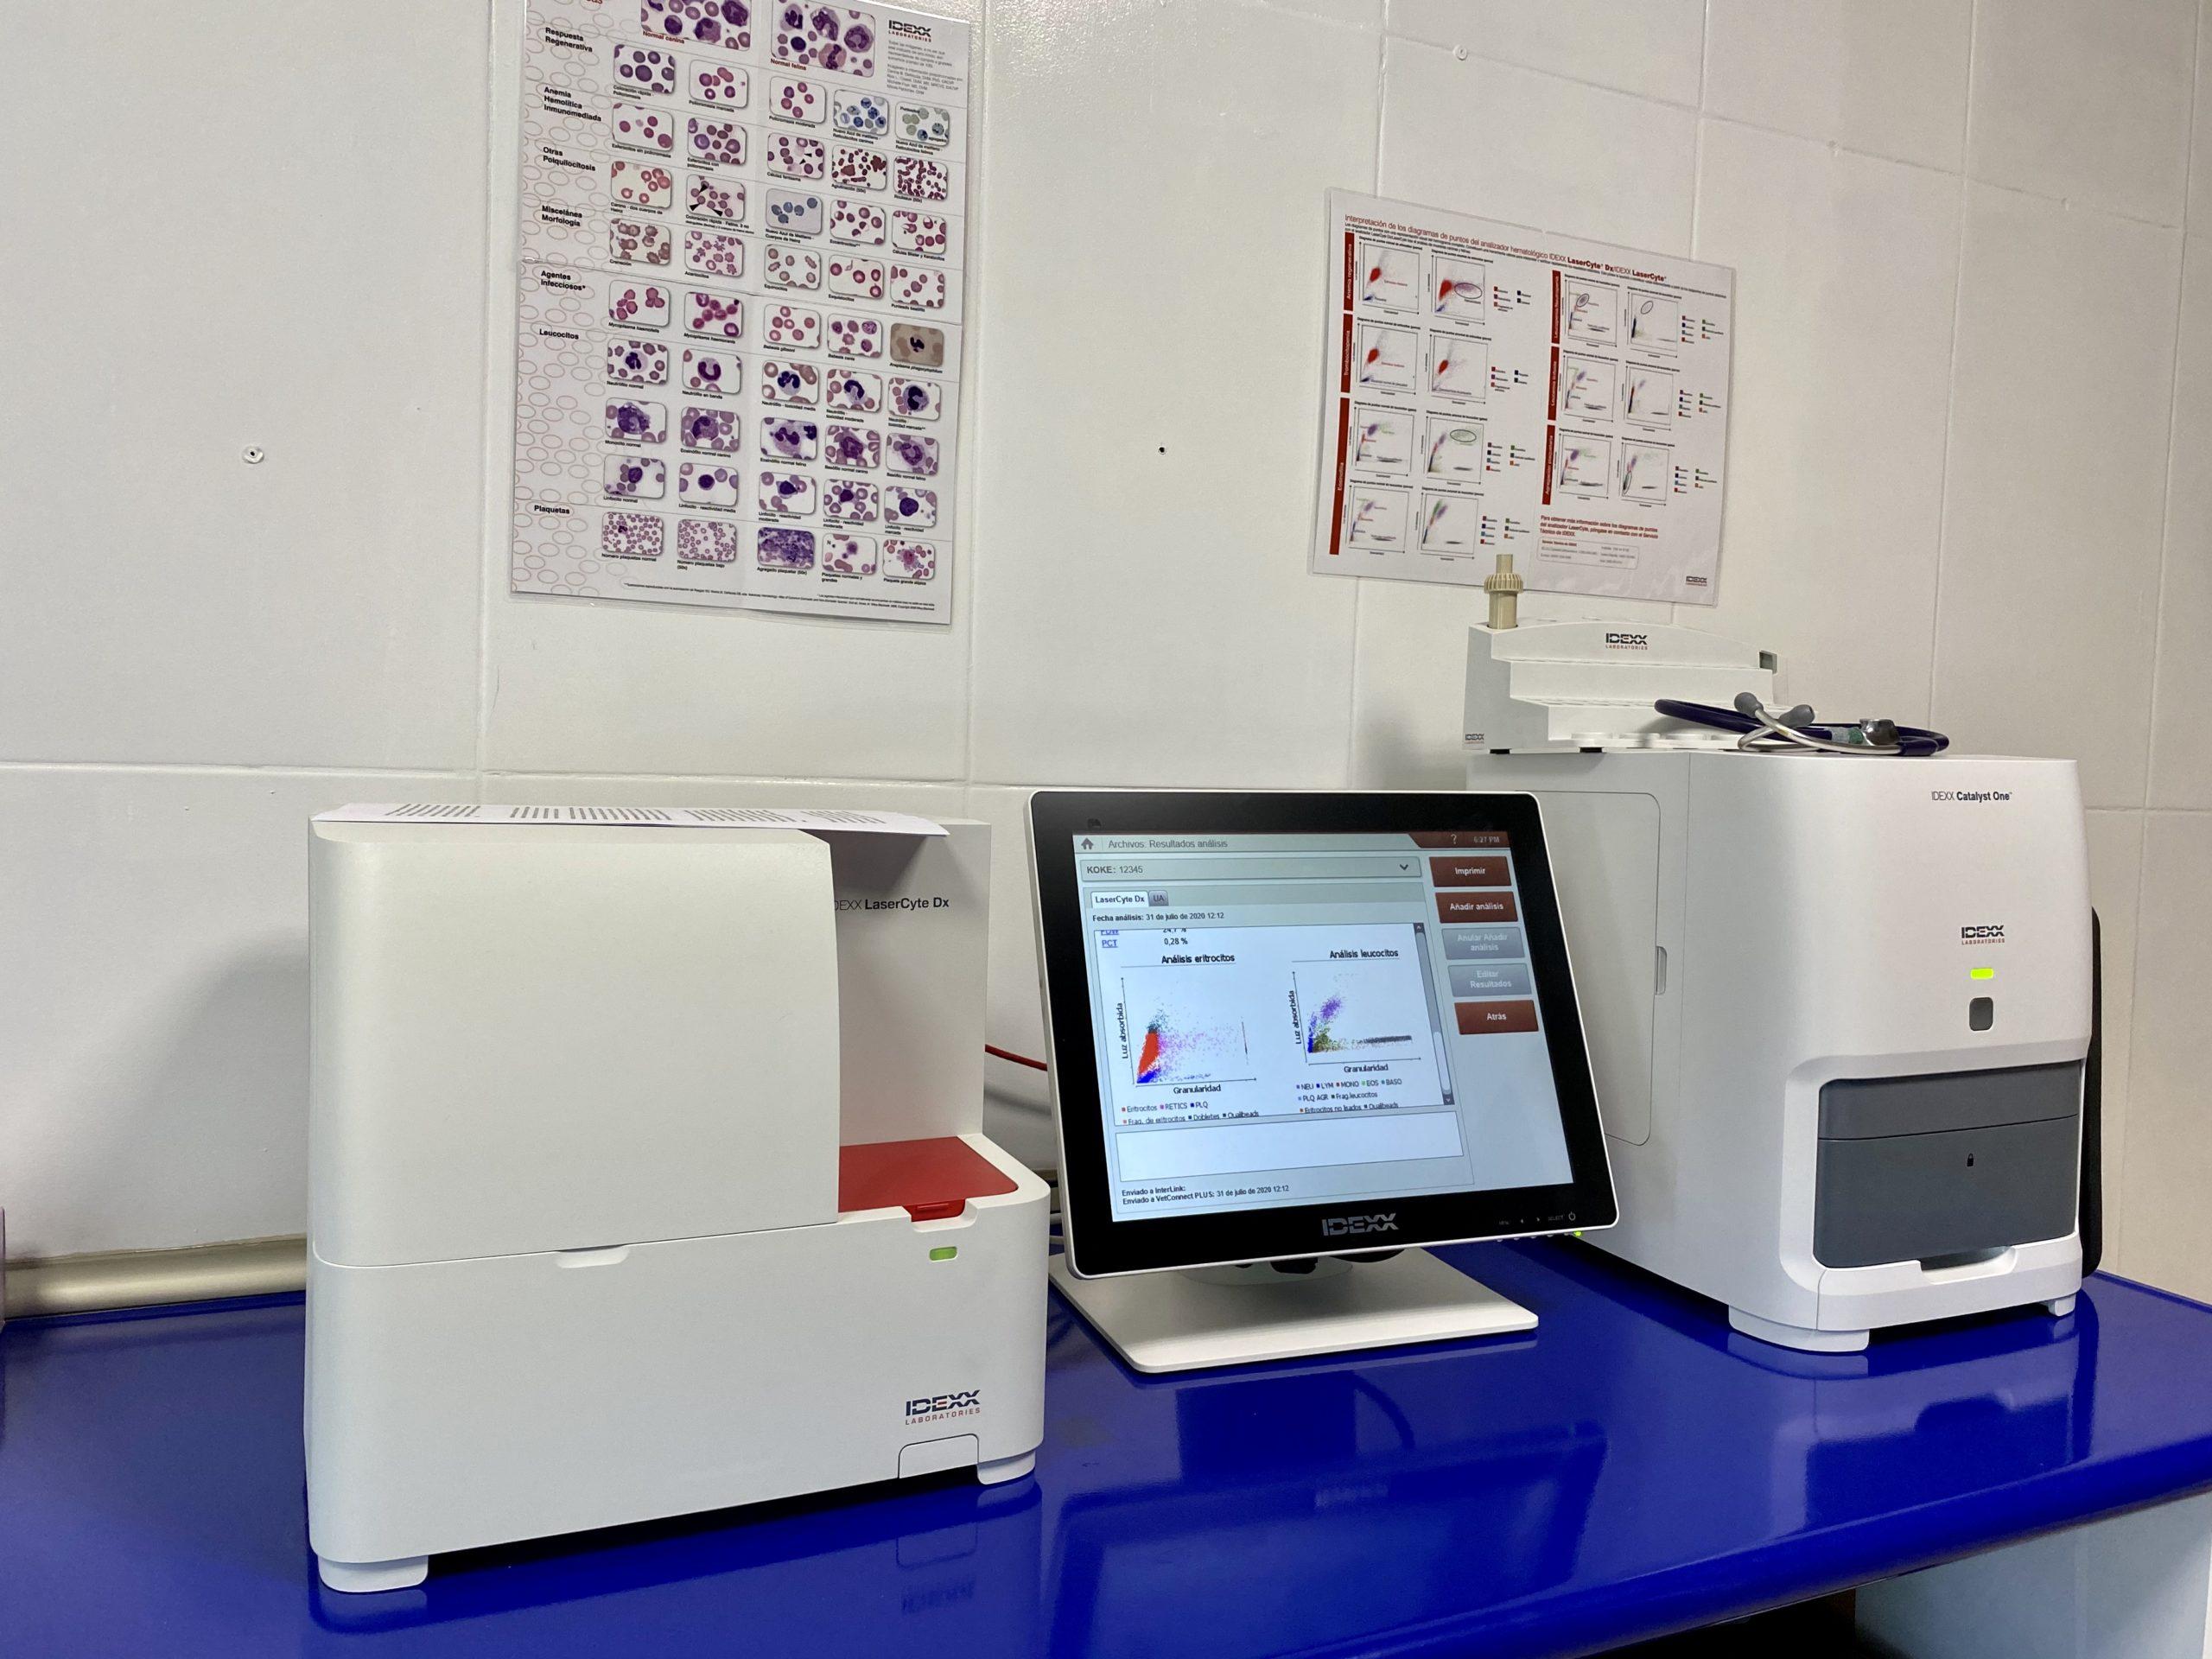 Laboratorio para analíticas sanguíneas de última tecnología